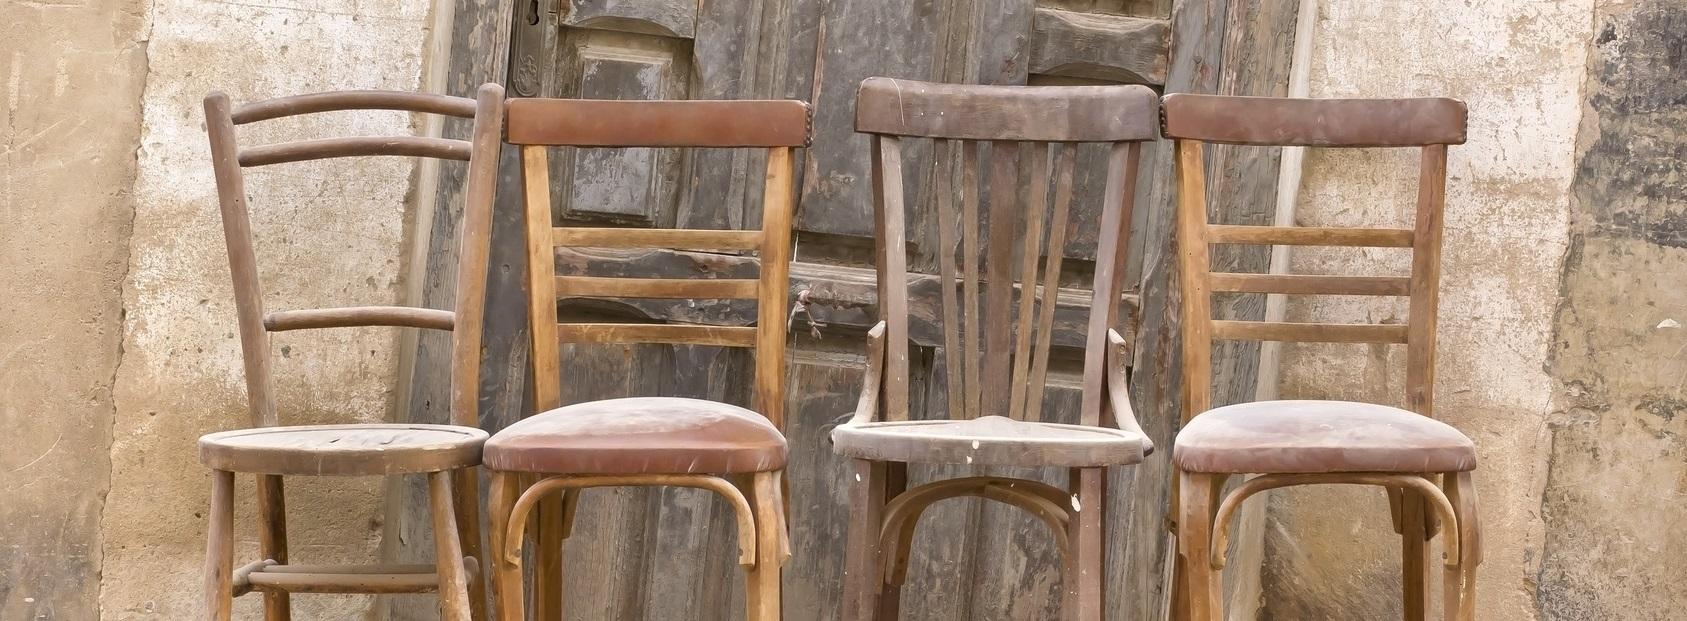 restaurator-antiquitaet-stuhl-Fotolia_slider